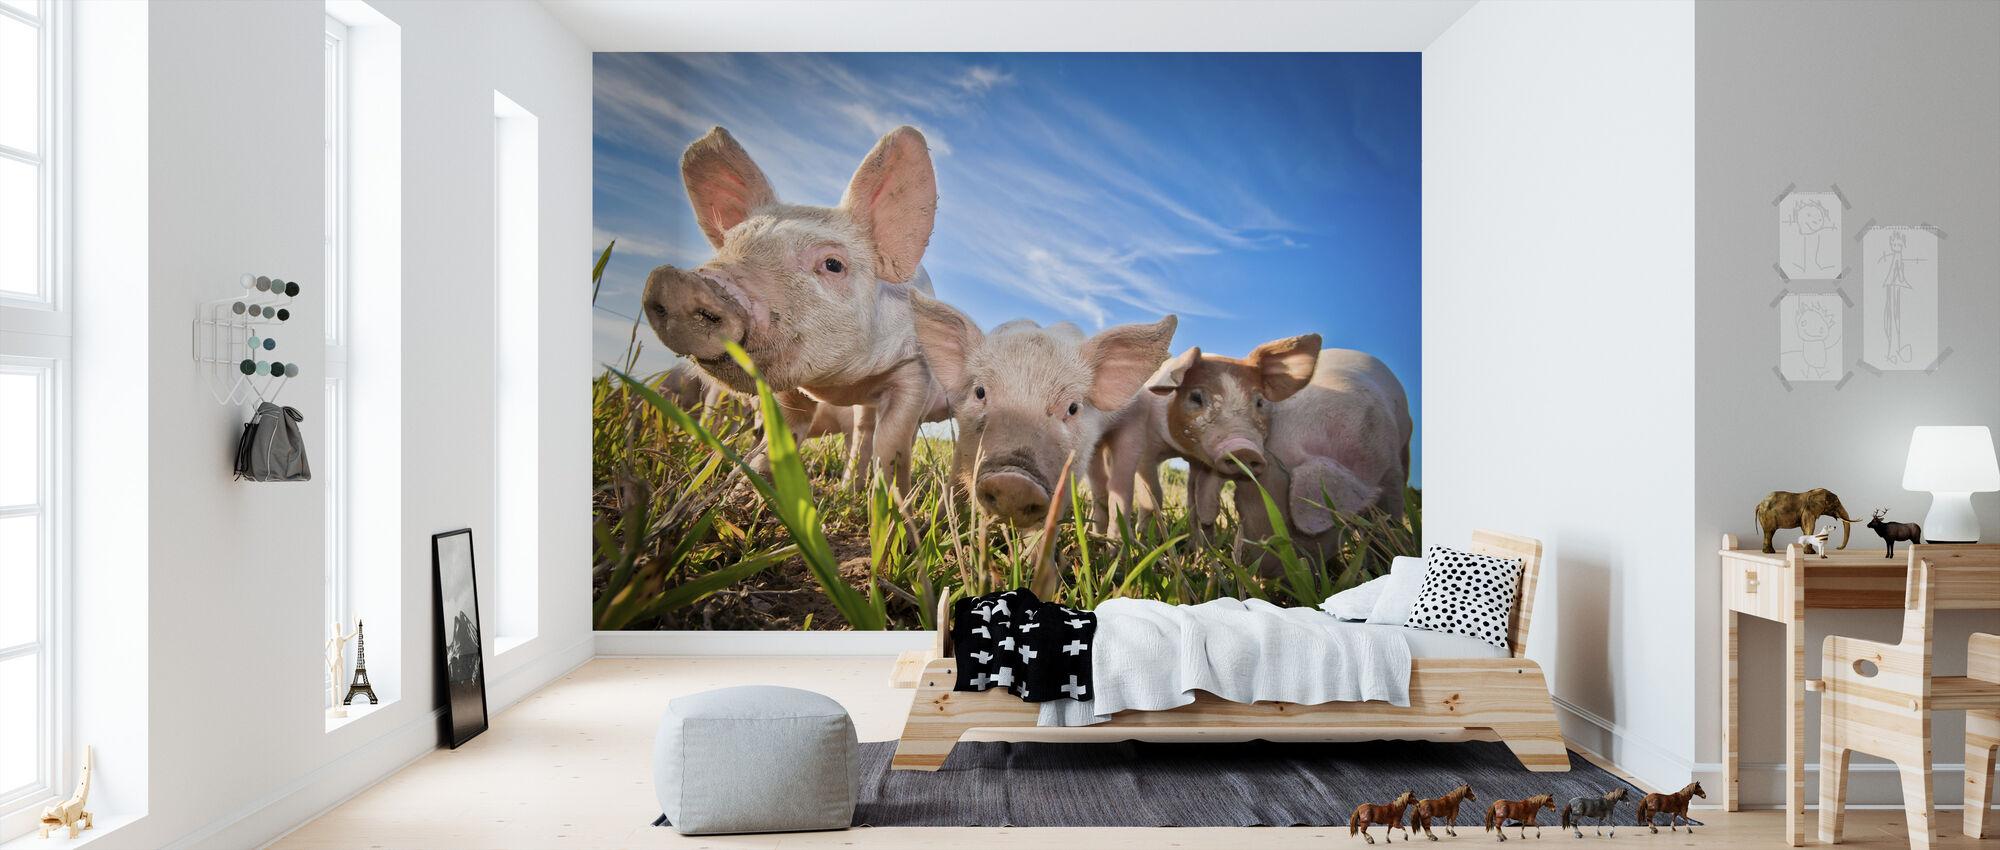 Nosy - Wallpaper - Kids Room